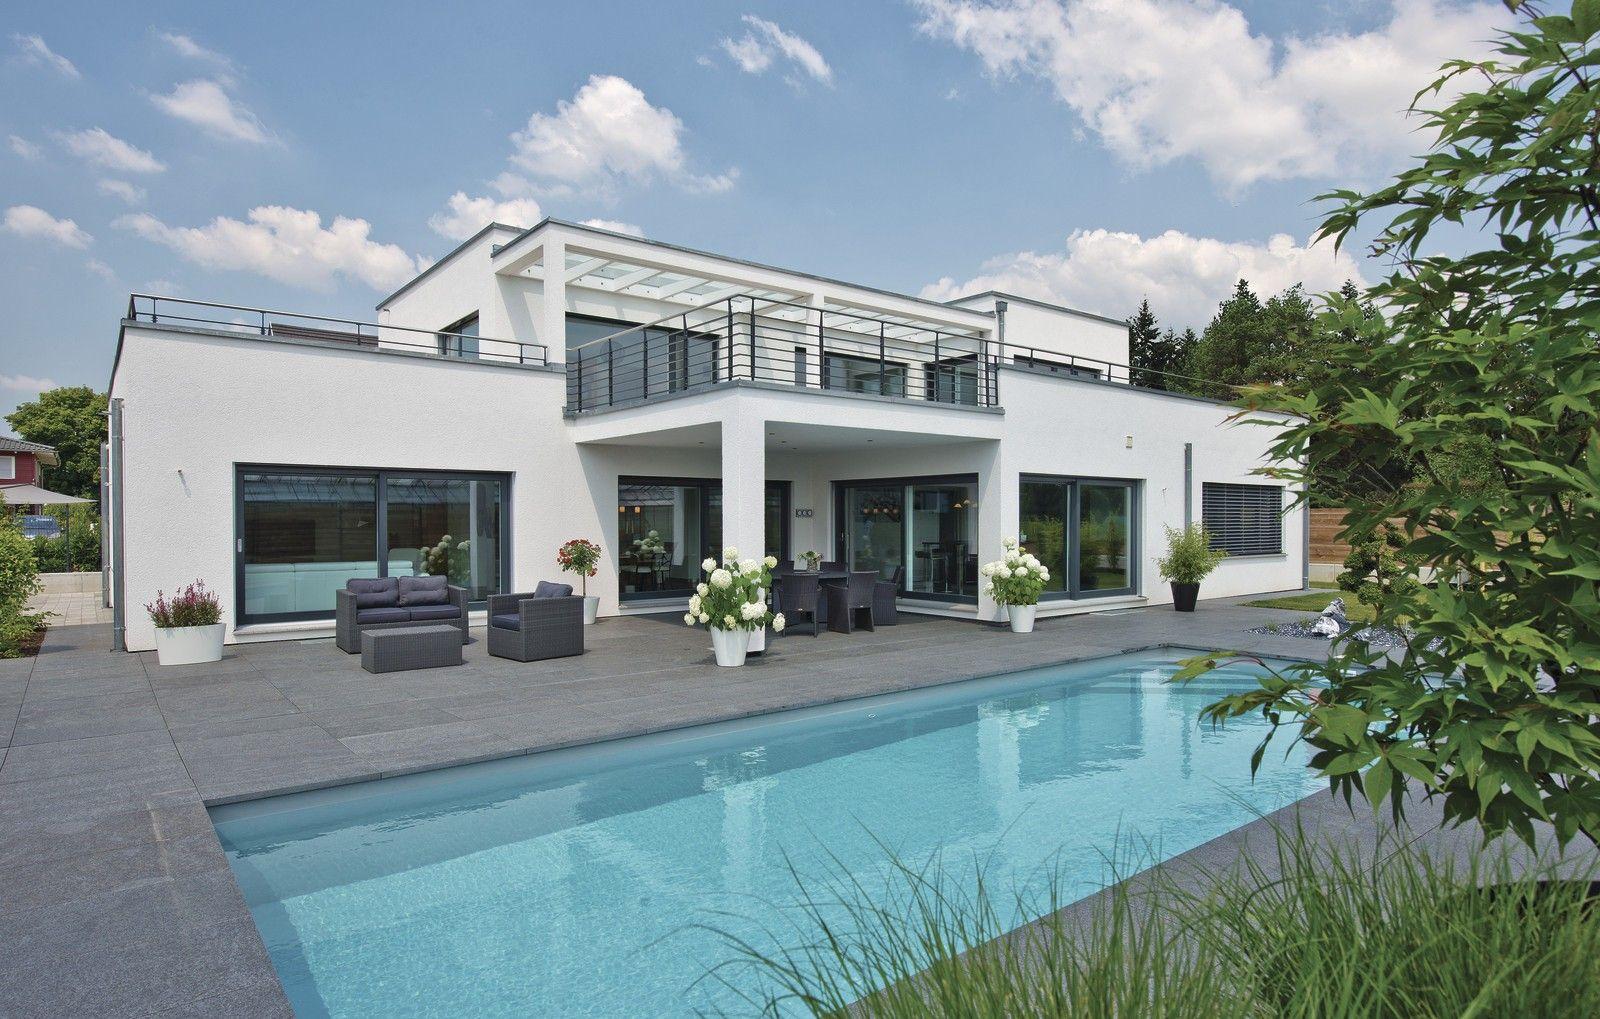 Hausdetailansicht - WeberHaus | Häuser neu | Pinterest | Casas ...